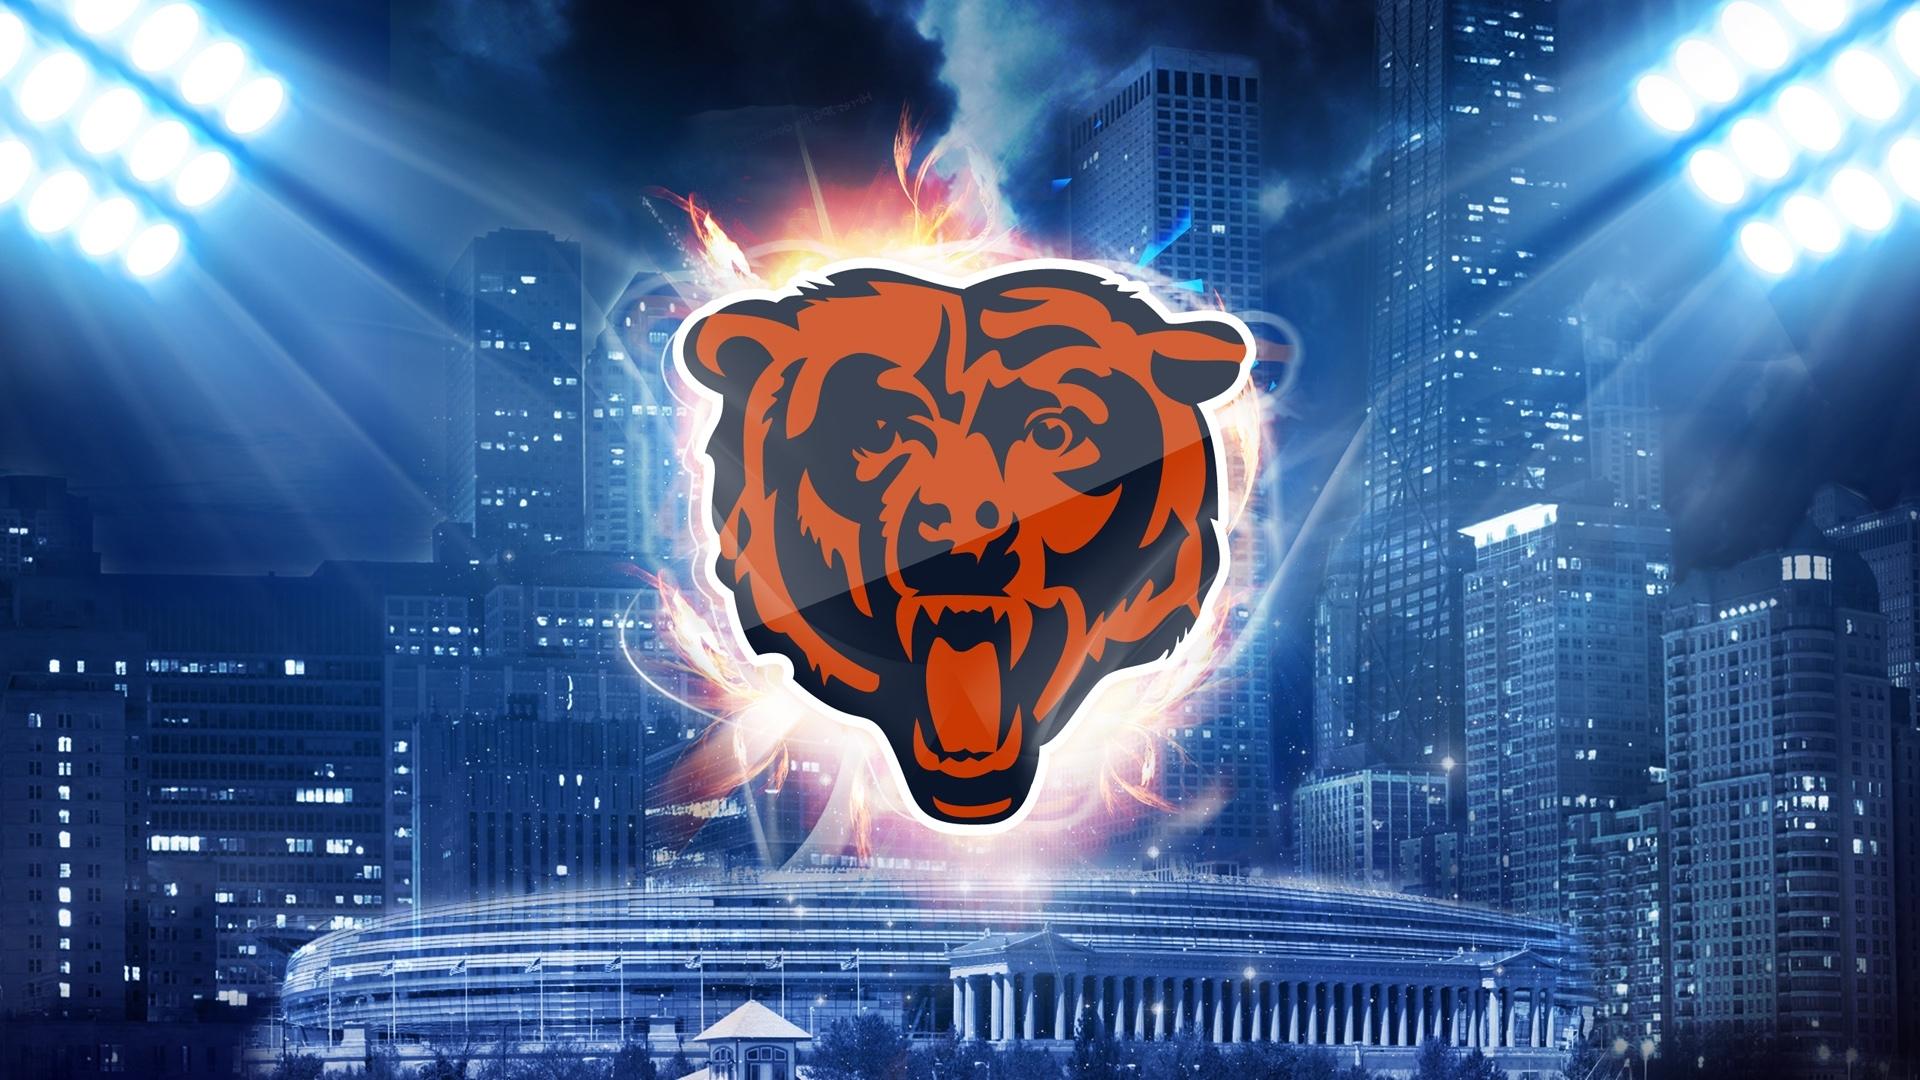 chicago bears desktop wallpaper 52903 1920x1080 px ~ hdwallsource